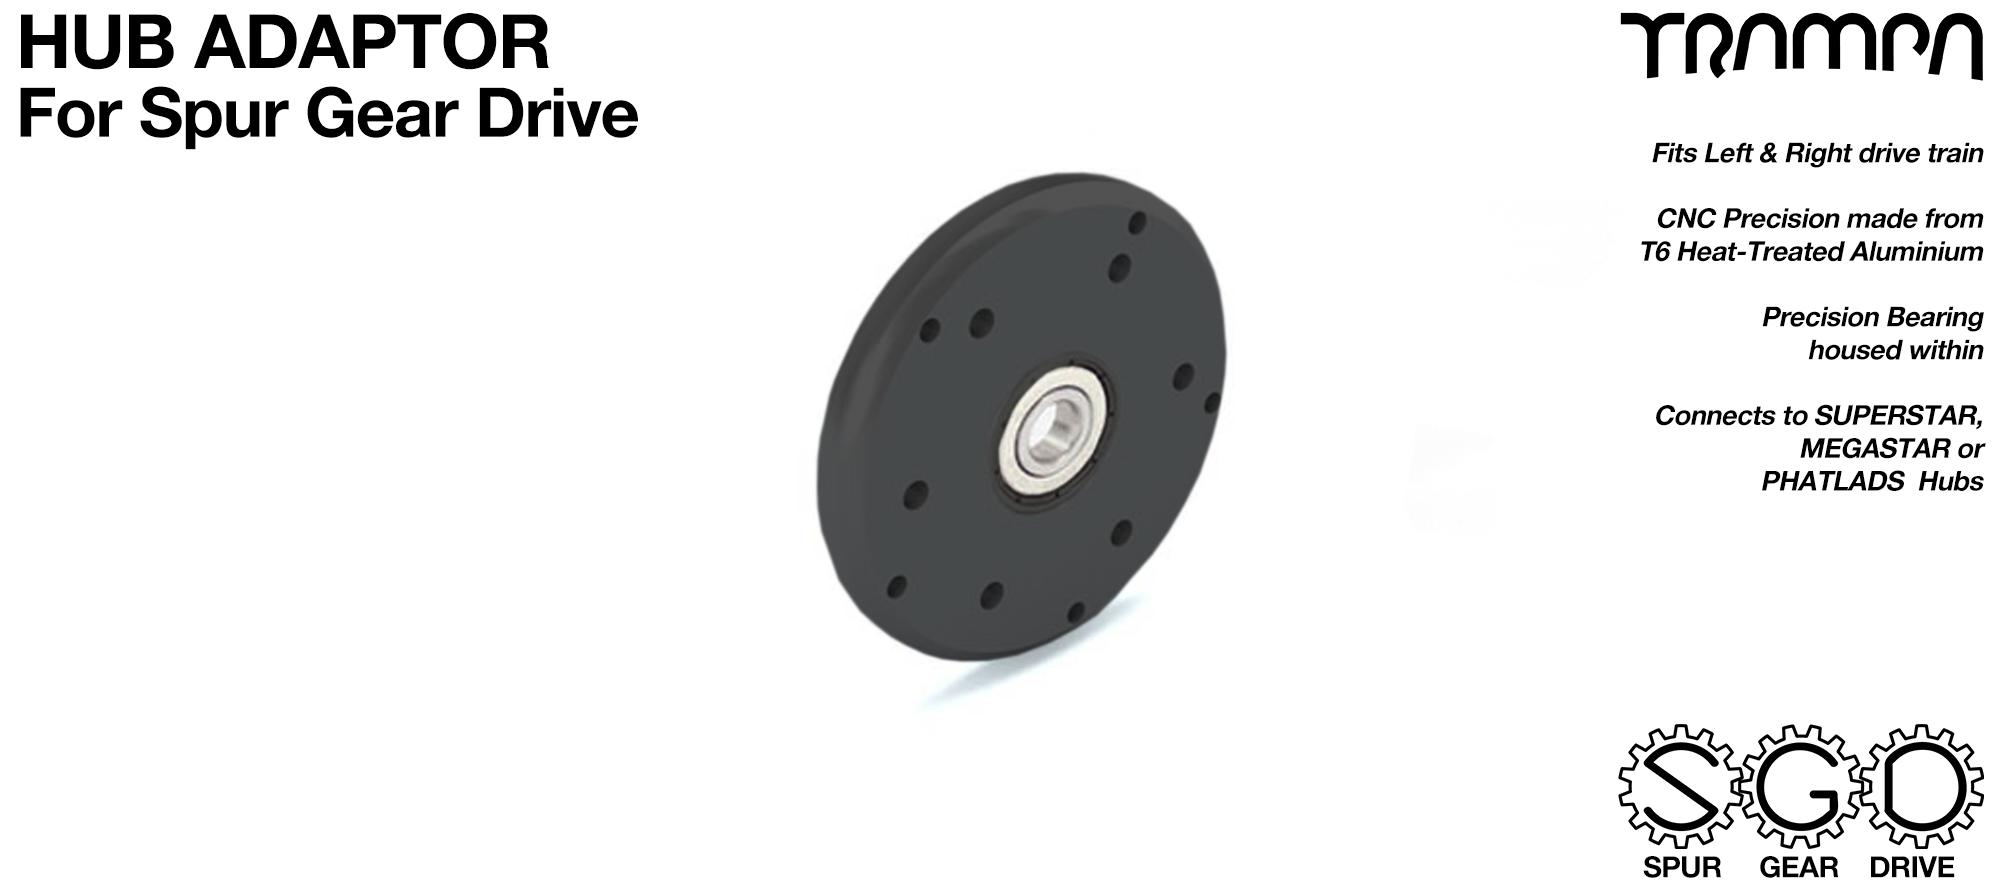 SPUR Gear Drive Hub Adaptor